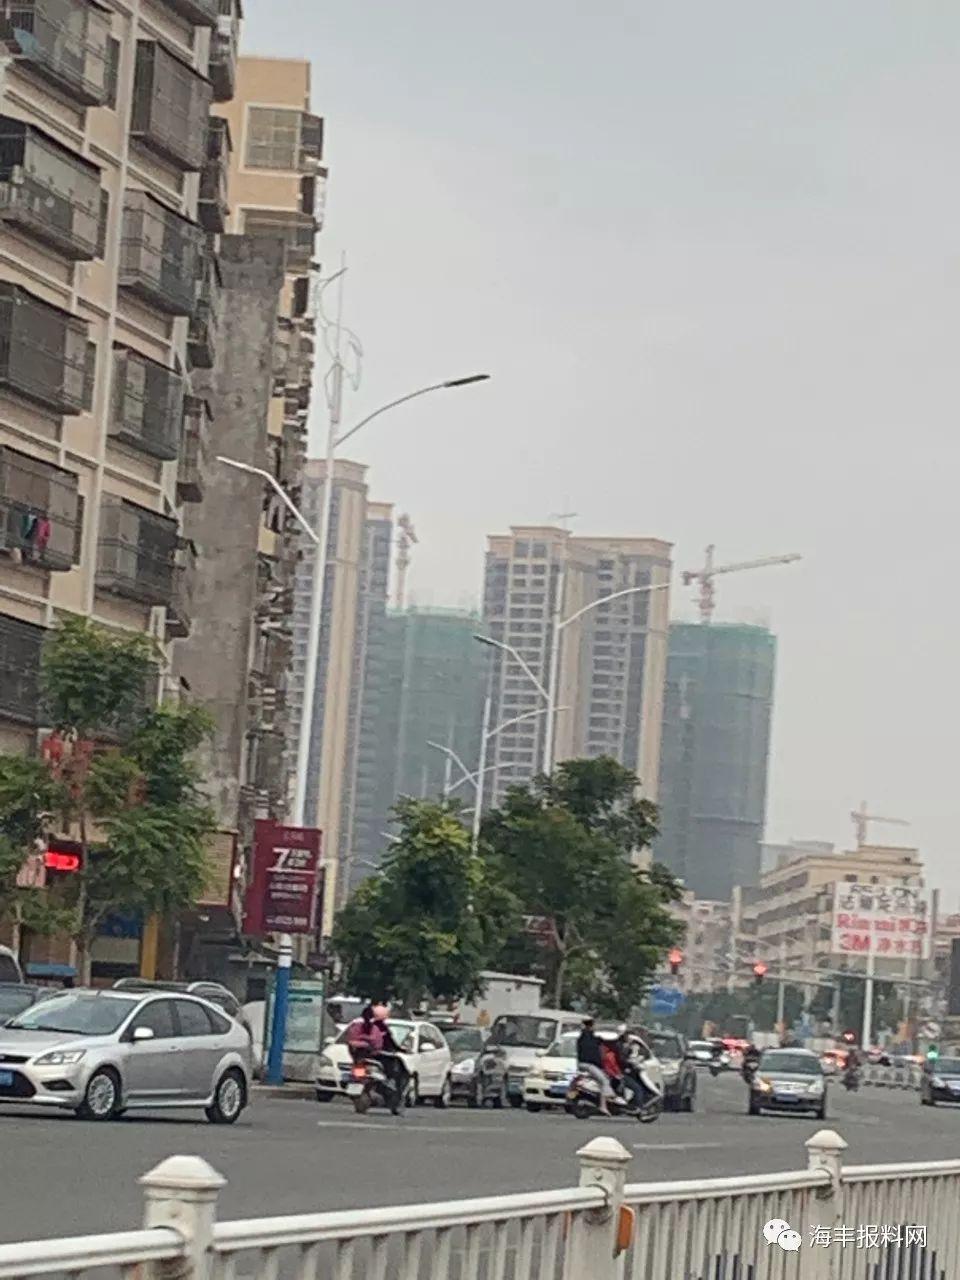 海丰县城二环路的路灯换新了 海丰新闻 第5张